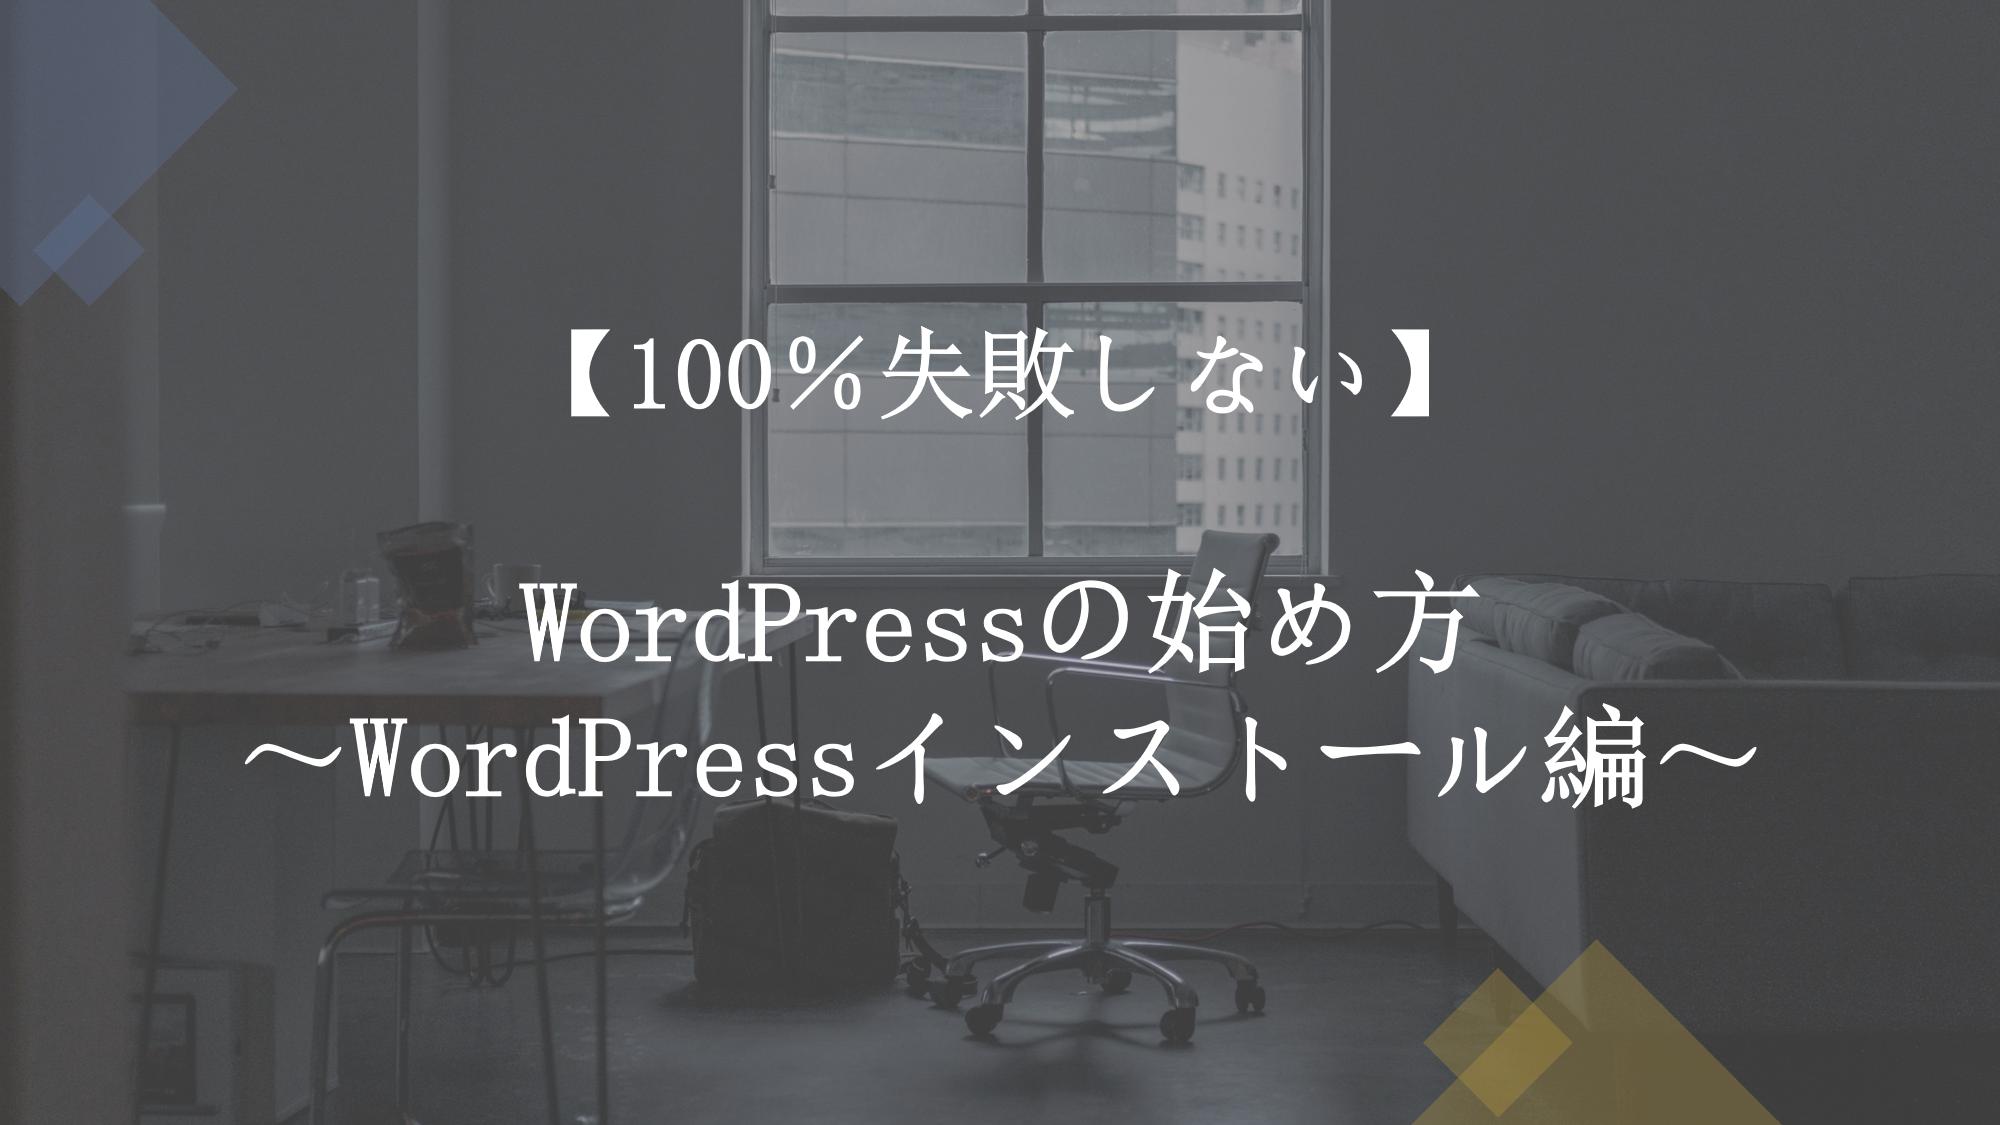 【100%失敗しない】WordPressの始め方~WordPressインストール編~